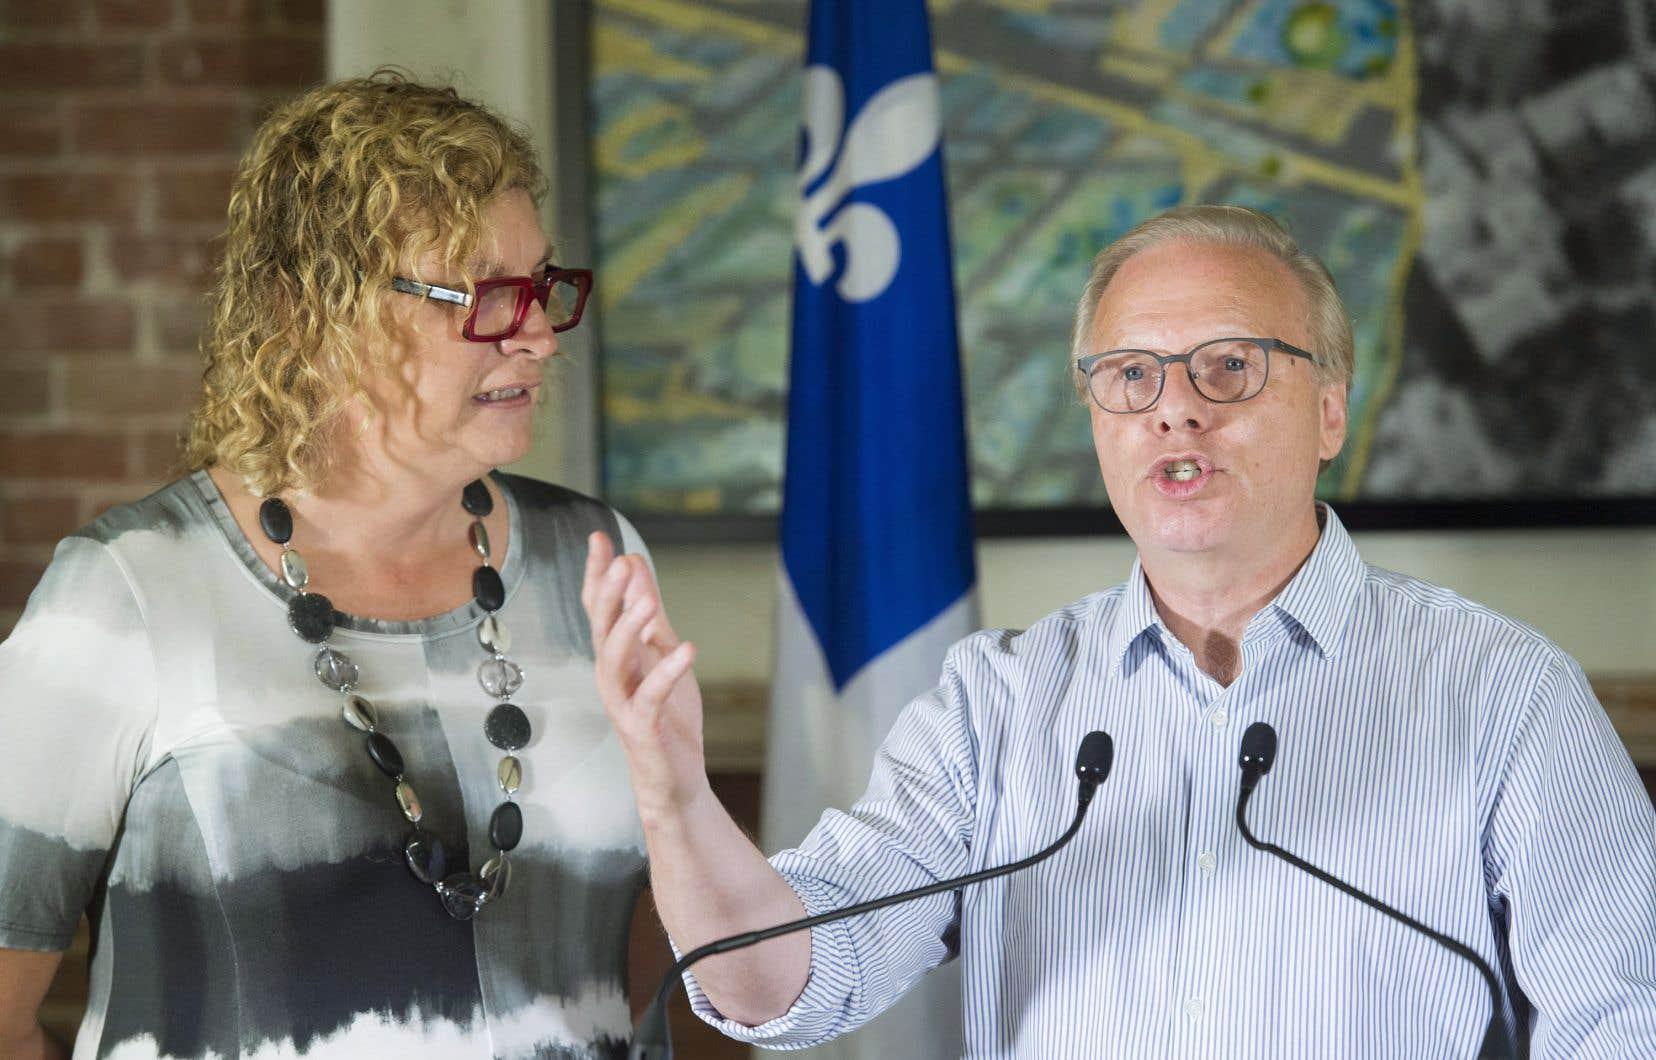 Le plan a été dévoilé par le chef Jean-François Lisée samedi matin à Montréal, accompagné de ses deux candidates spécialisées en numérique, Mireille Jean et Michelle Blanc.